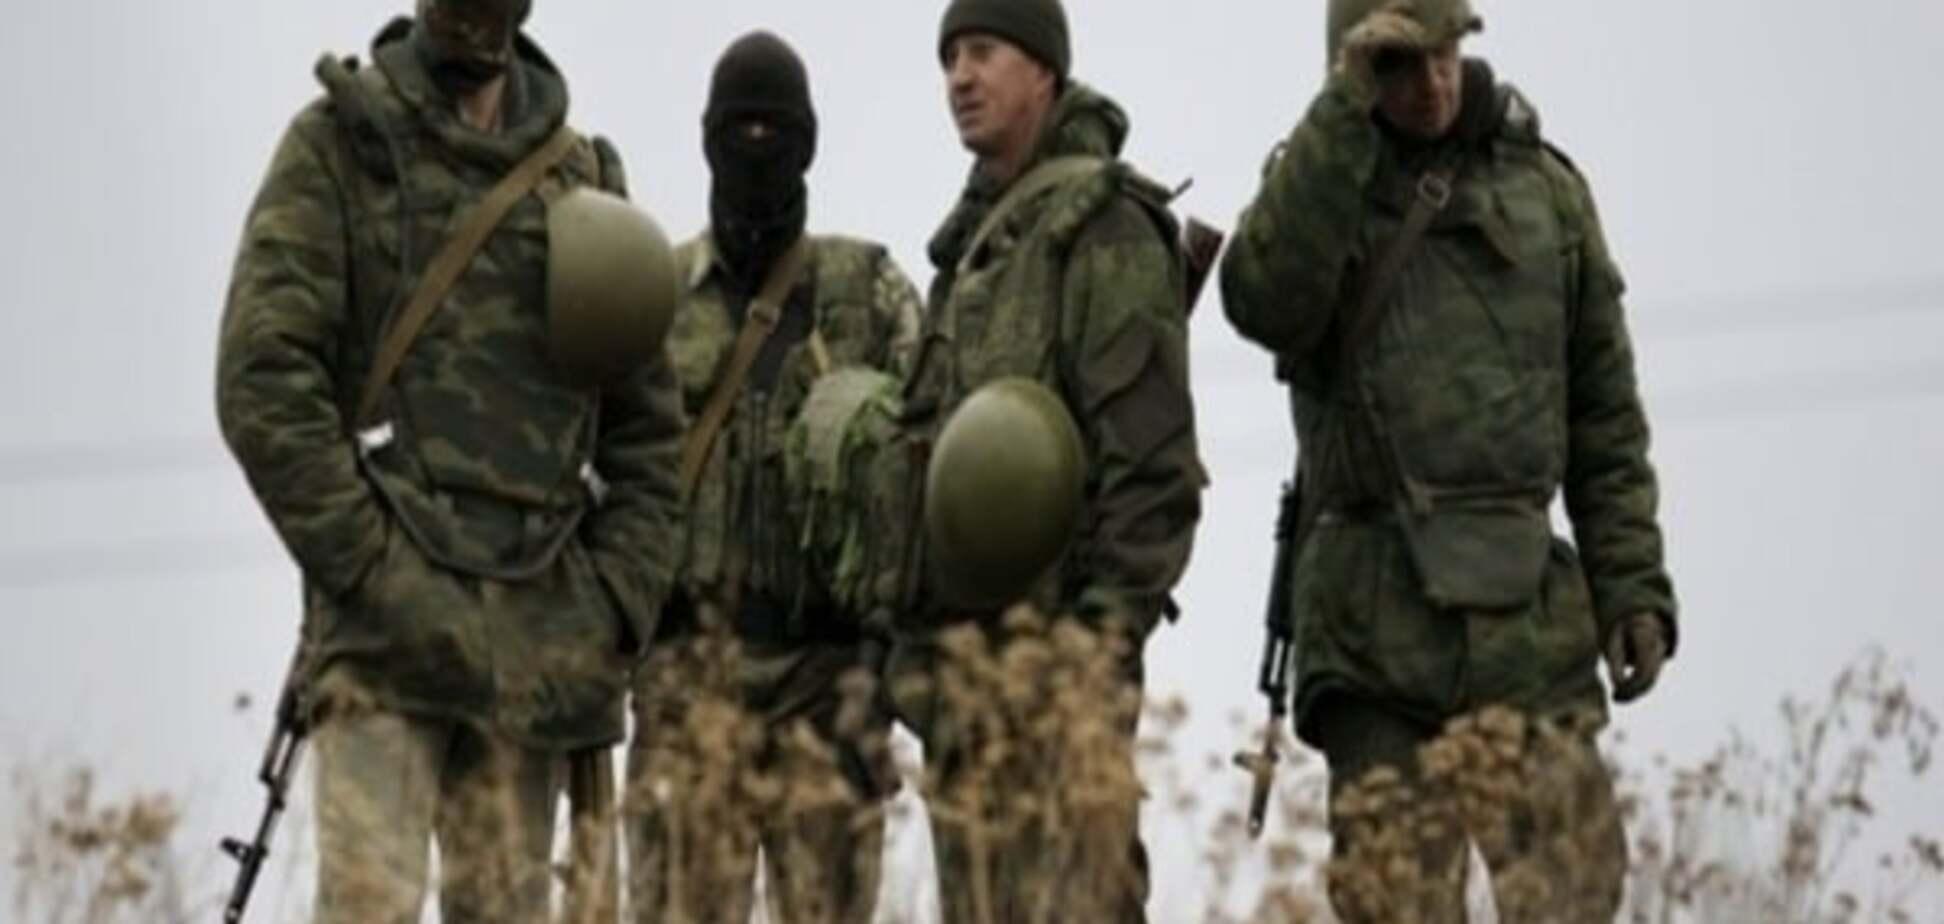 Загибель командира 'морських котиків' на Донбасі: стали відомі подробиці